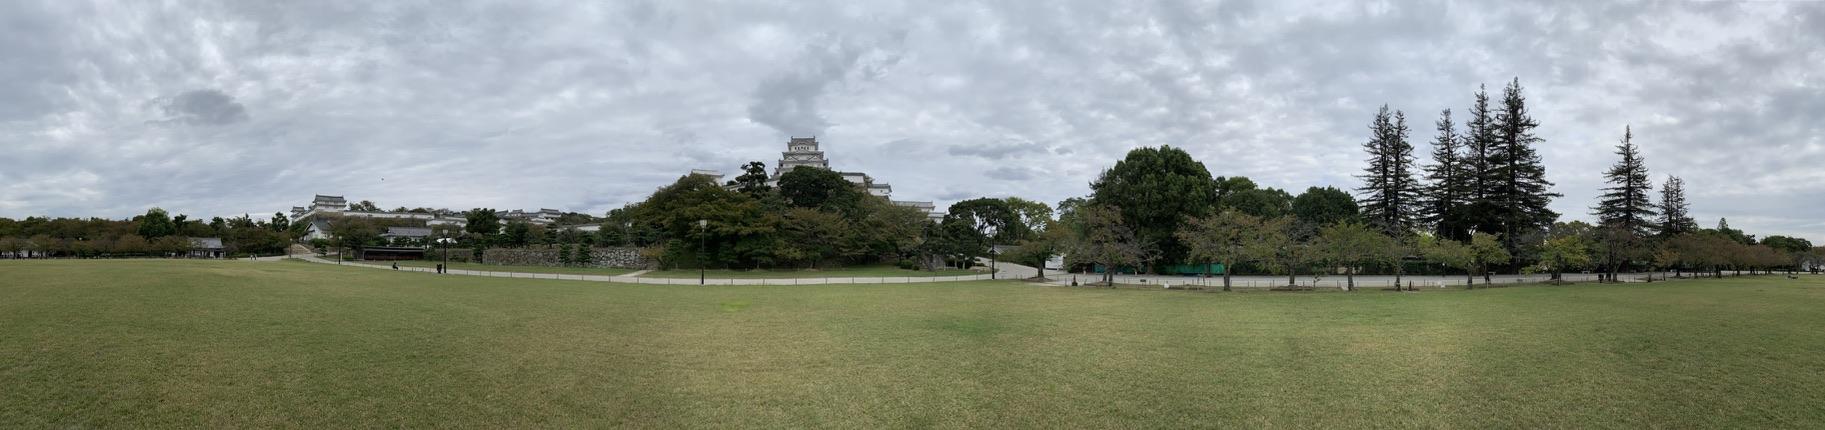 姫路城 三ノ丸 パノラマ